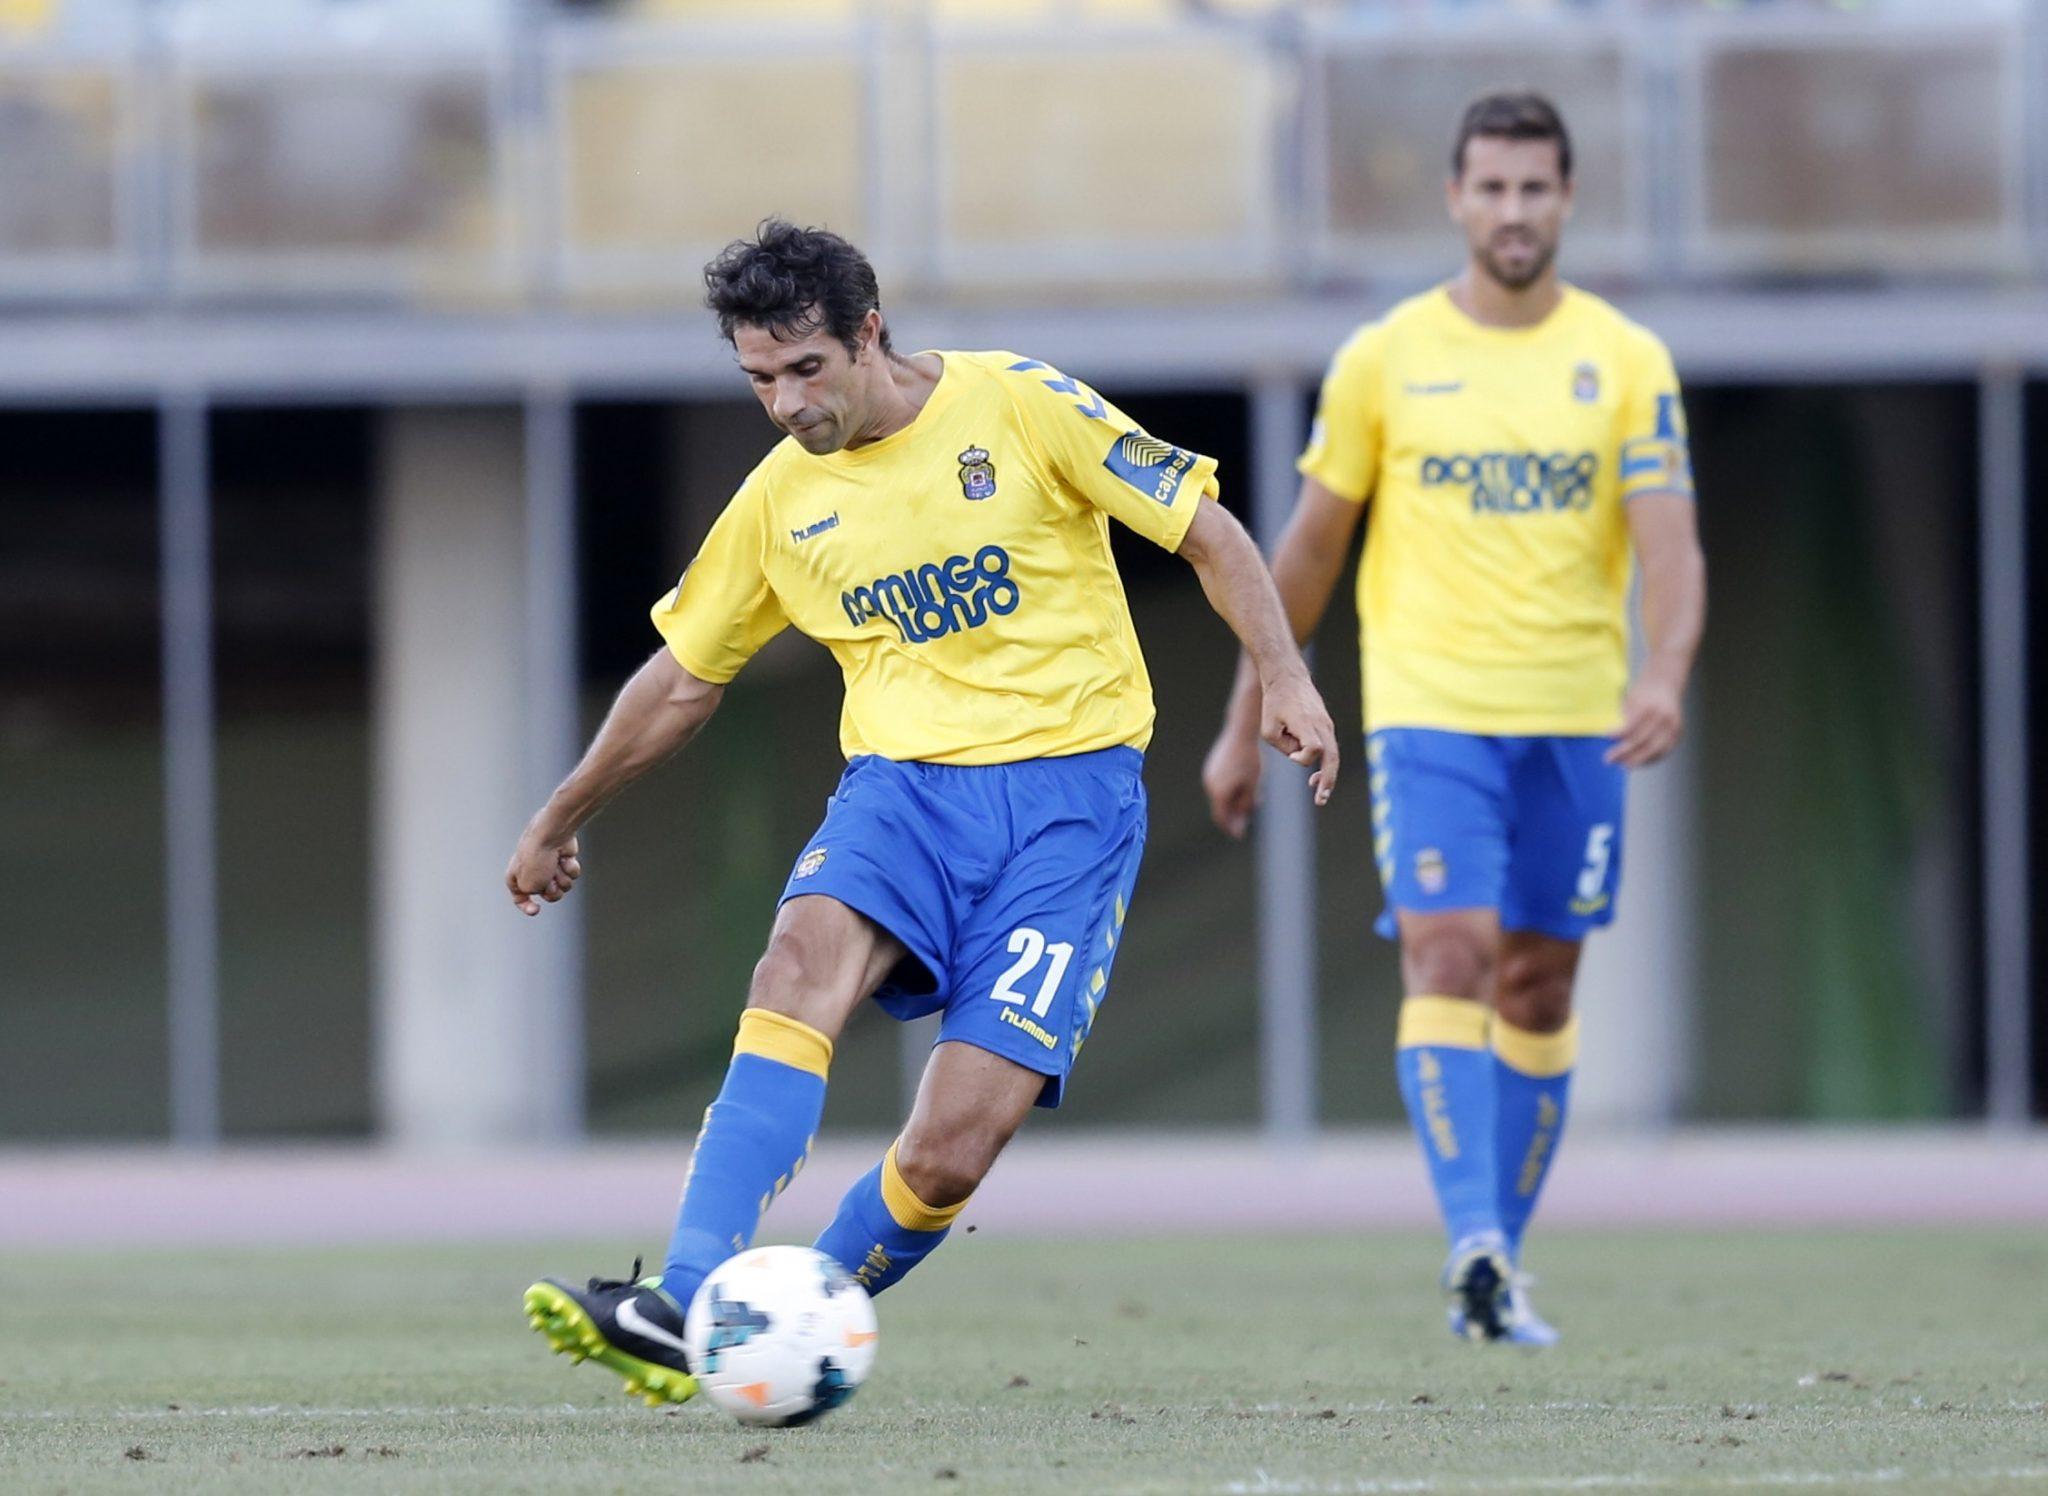 Valerón sigue dando clases de fútbol en Las Palmas, en su casa.